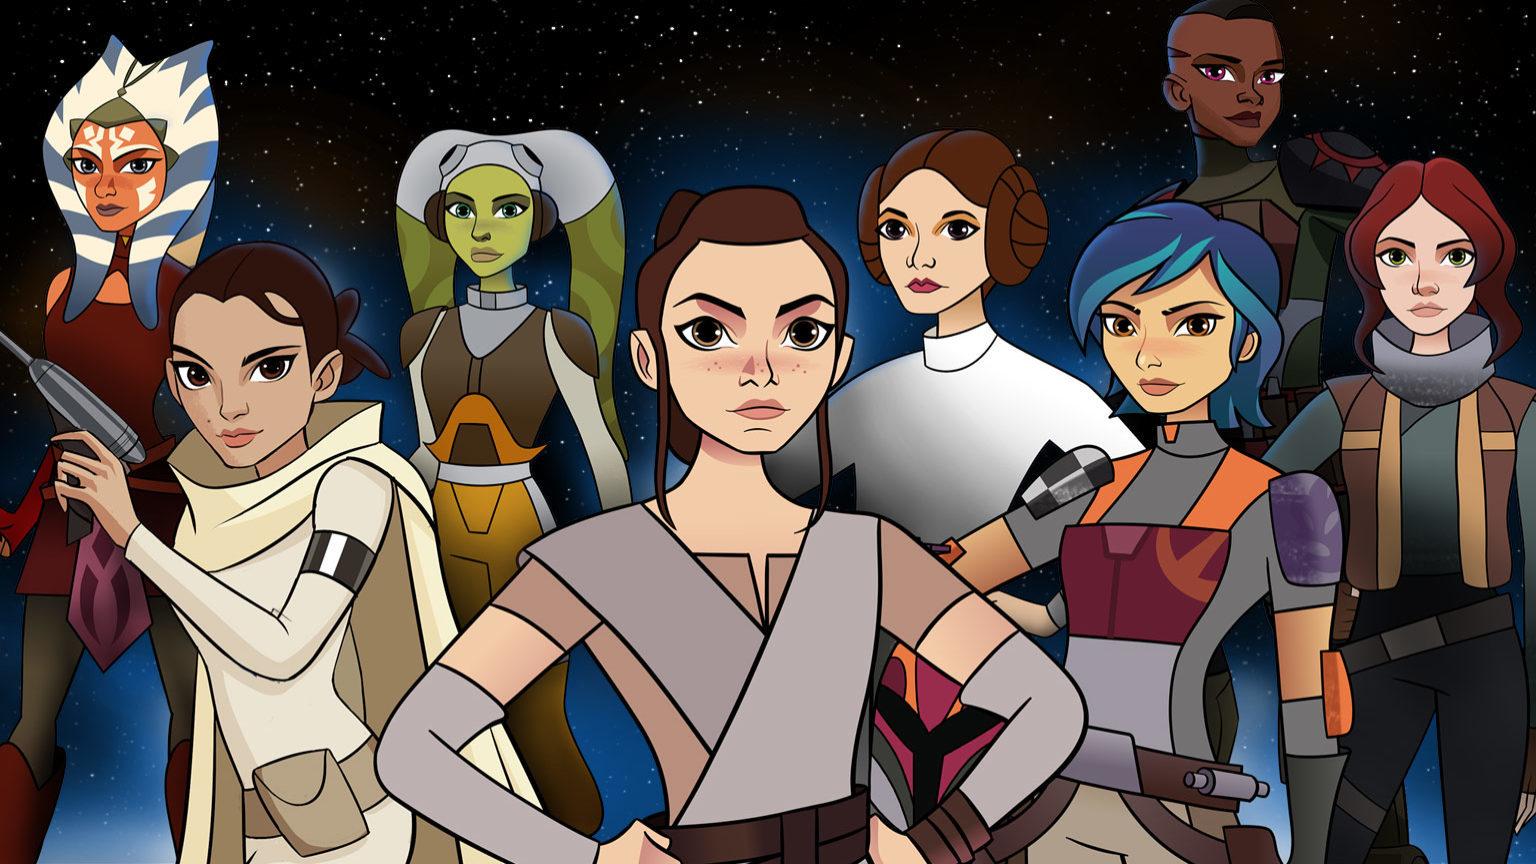 Recenze: Přinesla 2. sezóna Star Wars: Forces of Destiny zlepšení? | Fandíme filmu